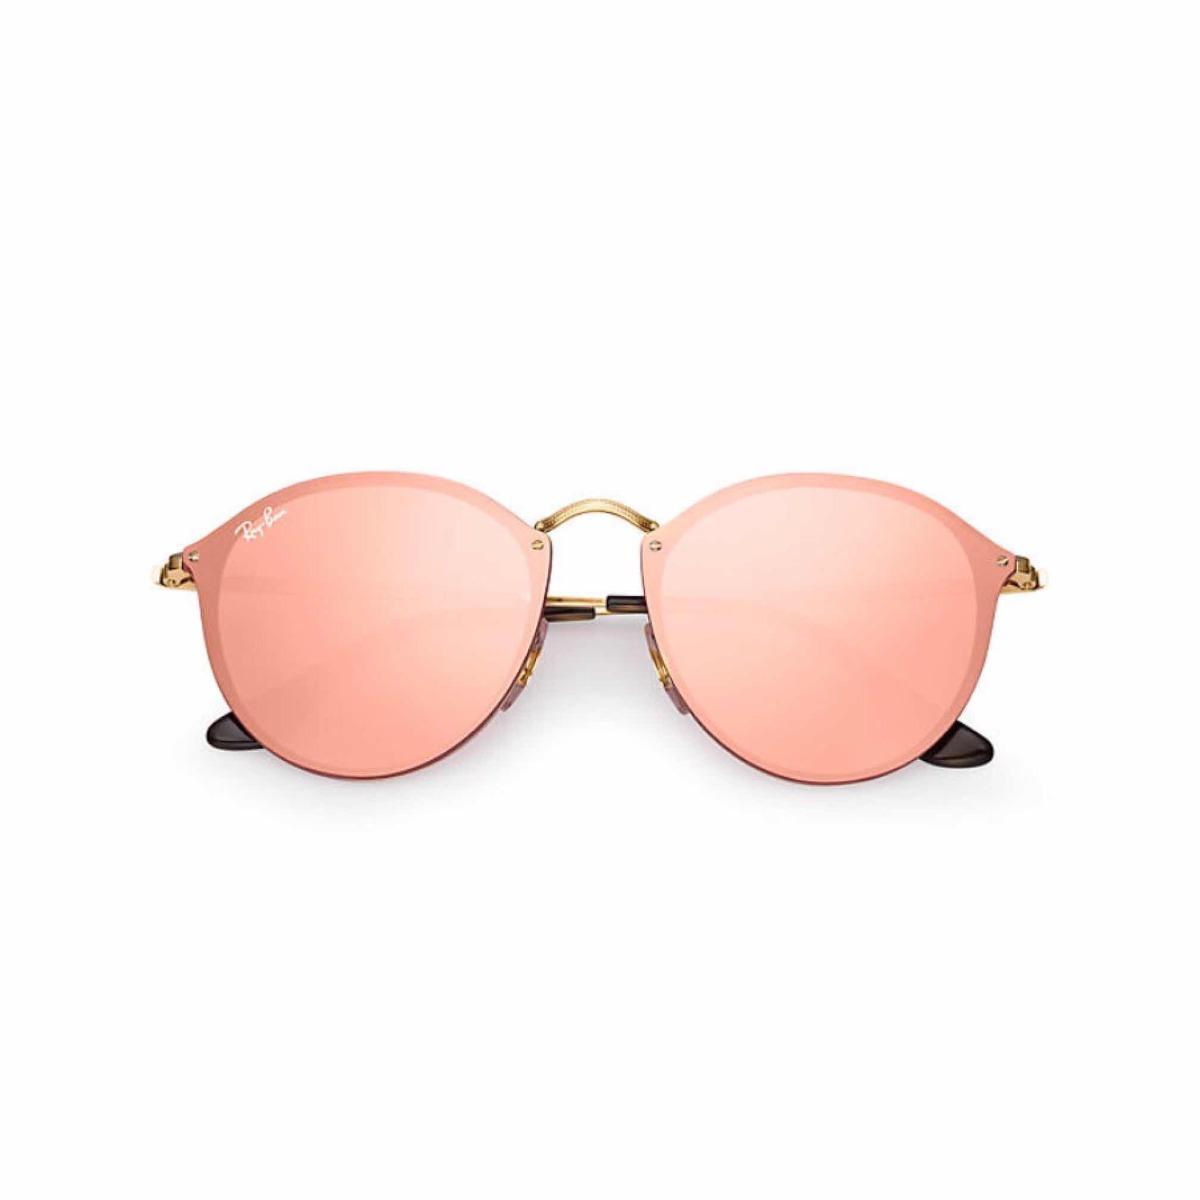 oferta - óculos ray ban blaze round rb3574n 001 e4 59-14. Carregando zoom. e68d29147d